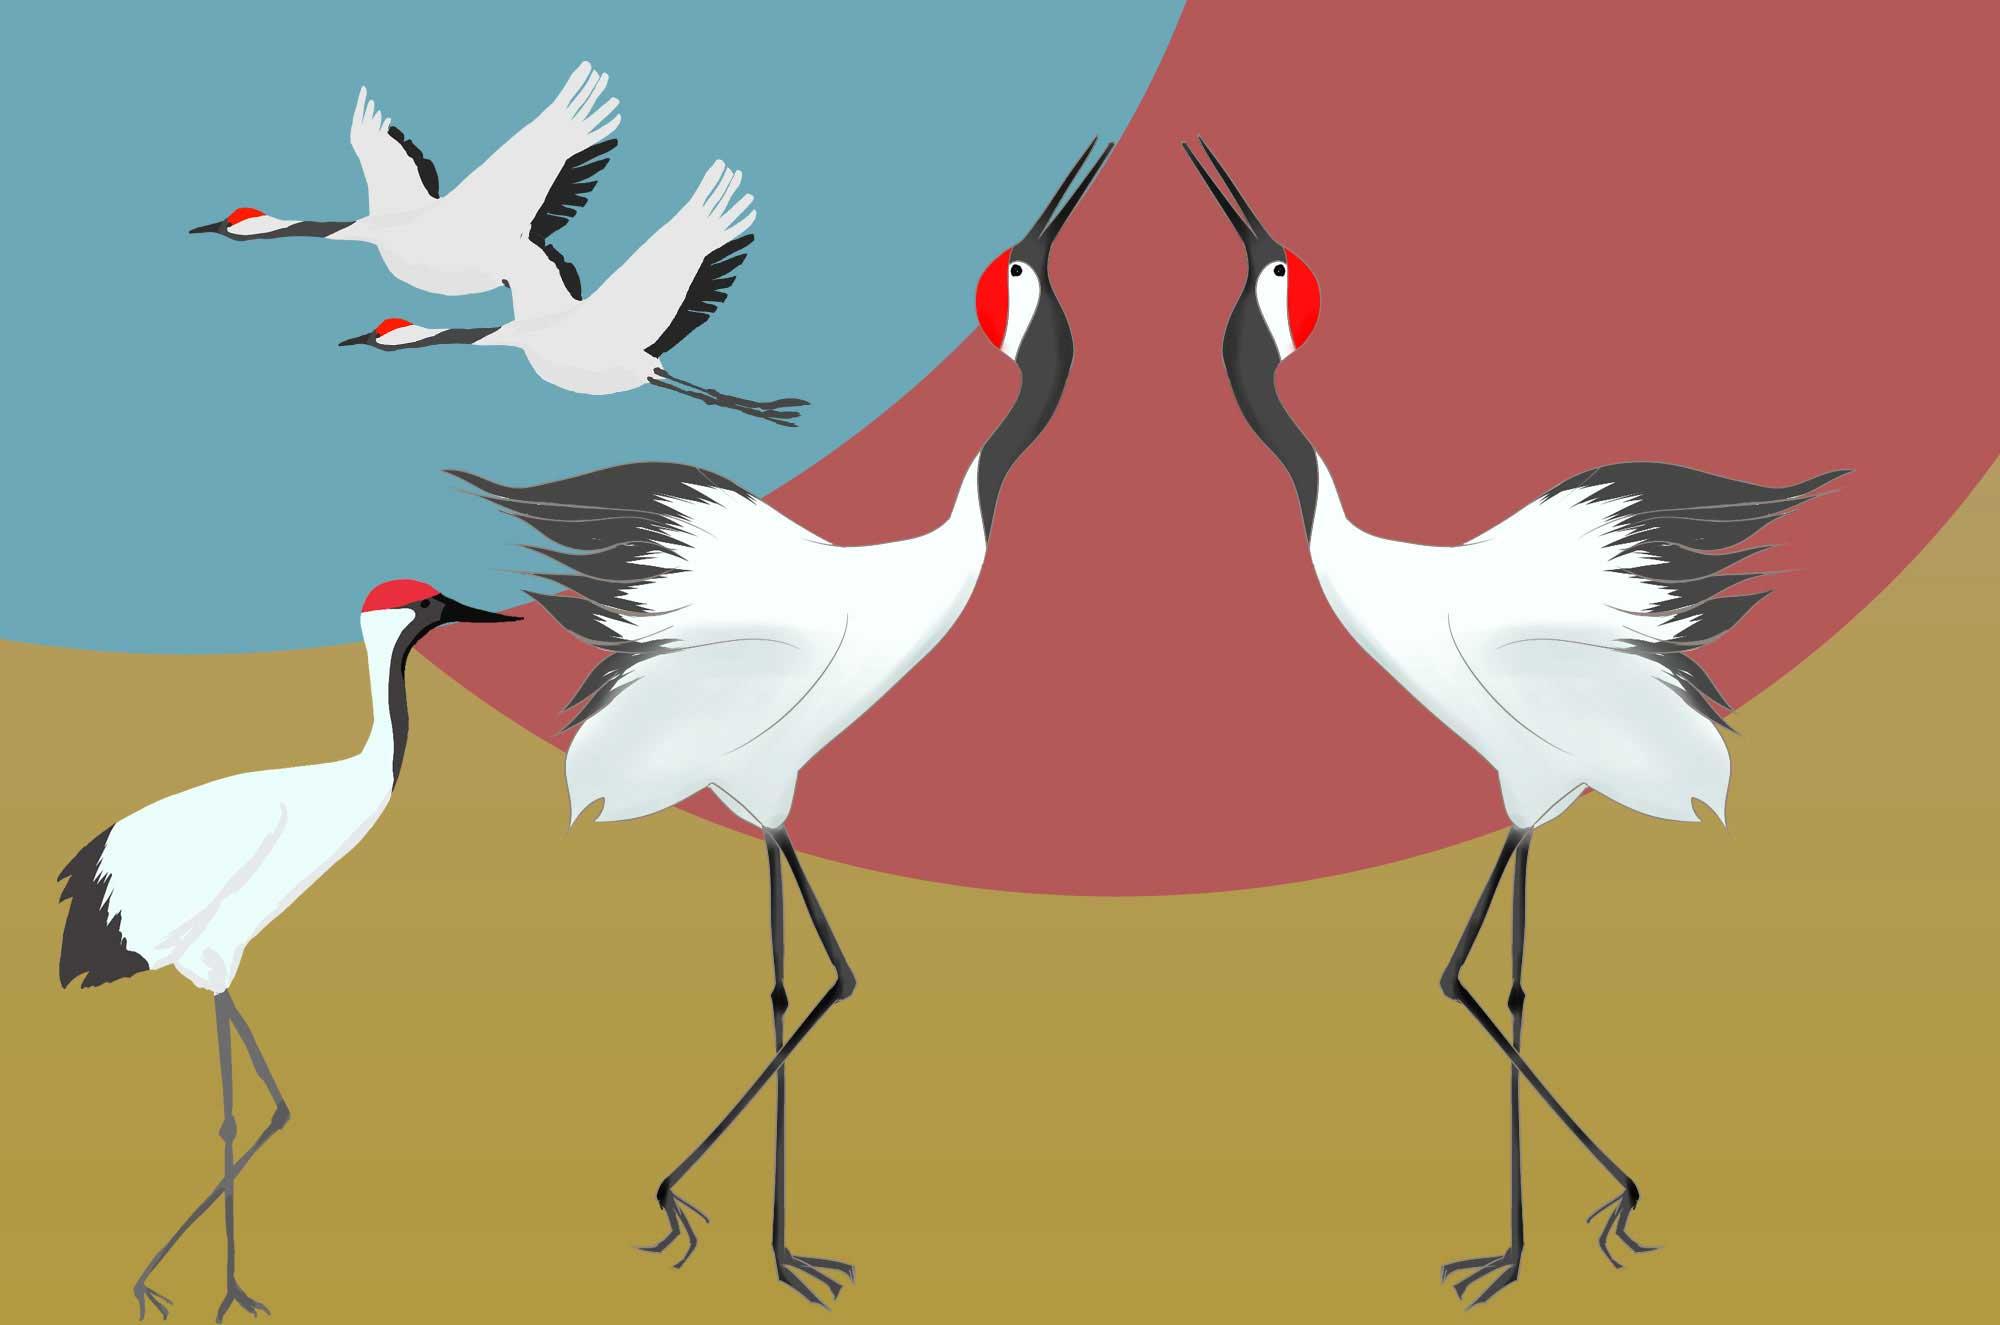 鶴イラスト - 和をイメージするおめでたい鳥素材